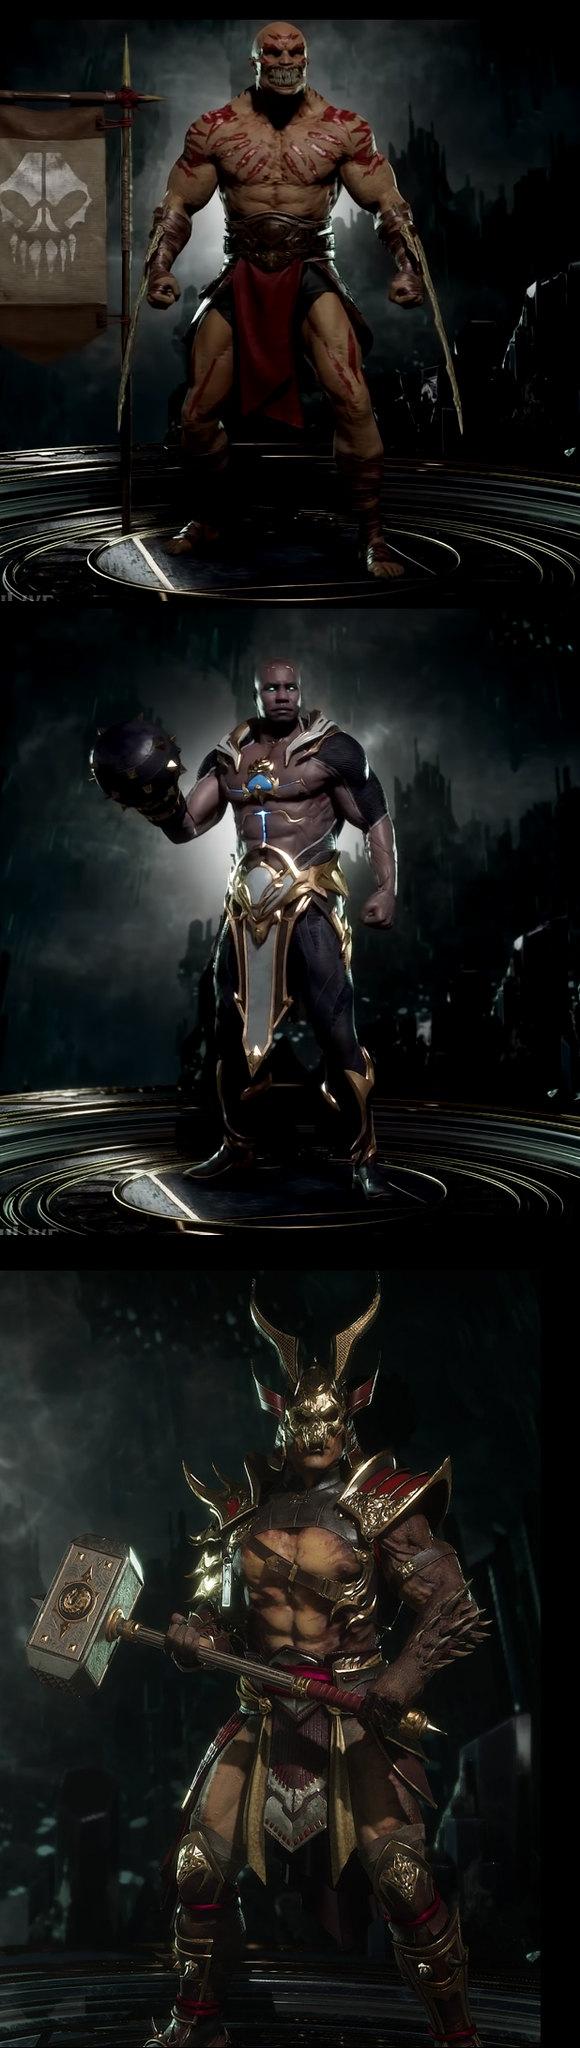 Mortal Kombat 11 - Buff Sexy Males